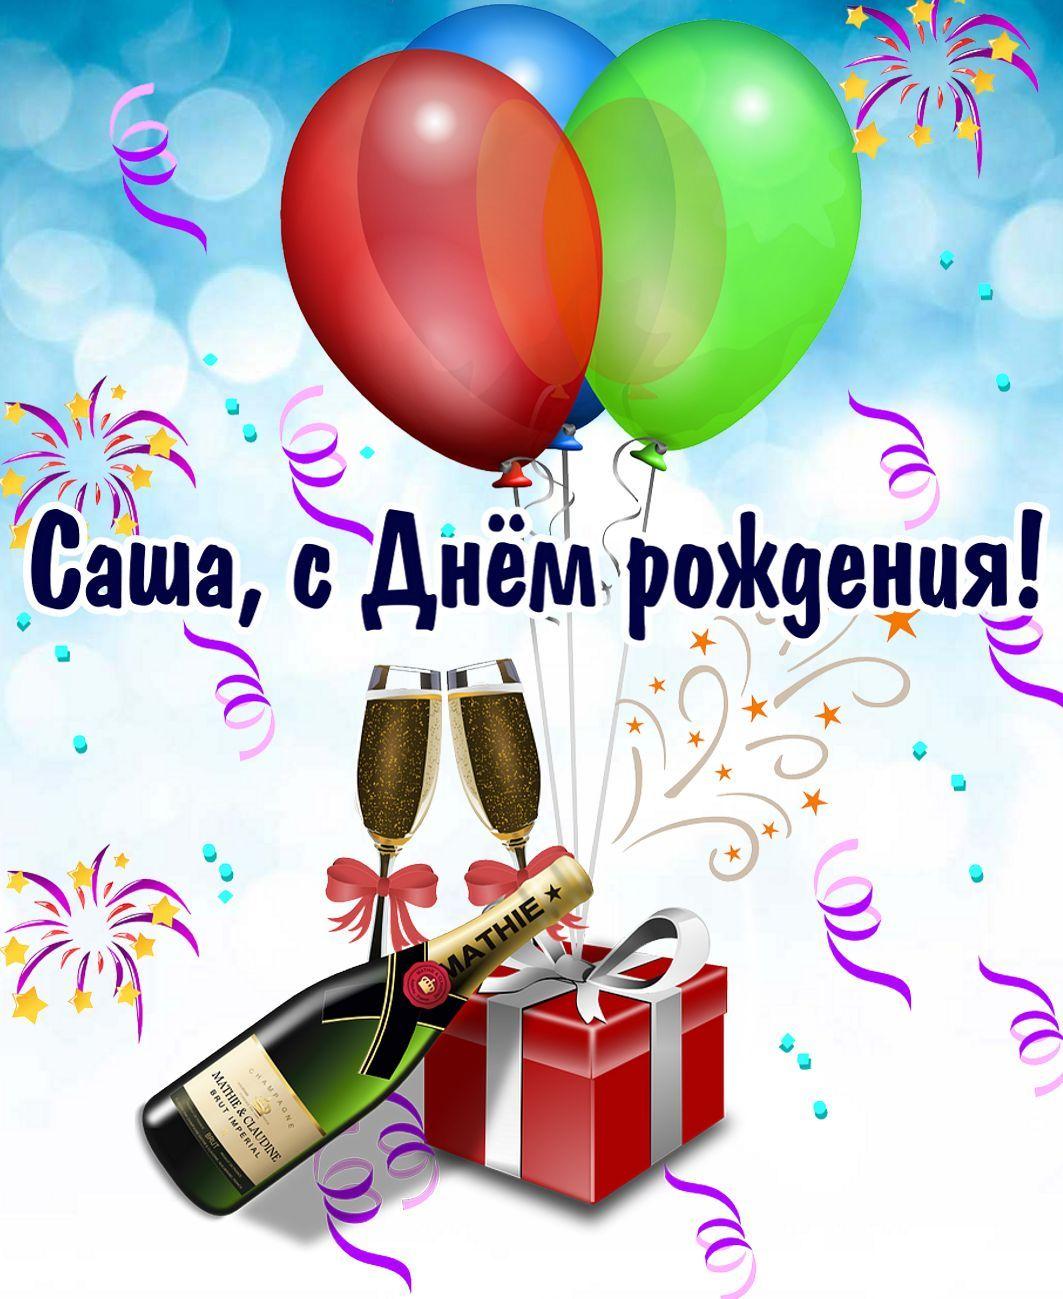 """Картинки """"с днем рождения, Саша"""" (35 ФОТО) ⭐ Наслаждайтесь ..."""